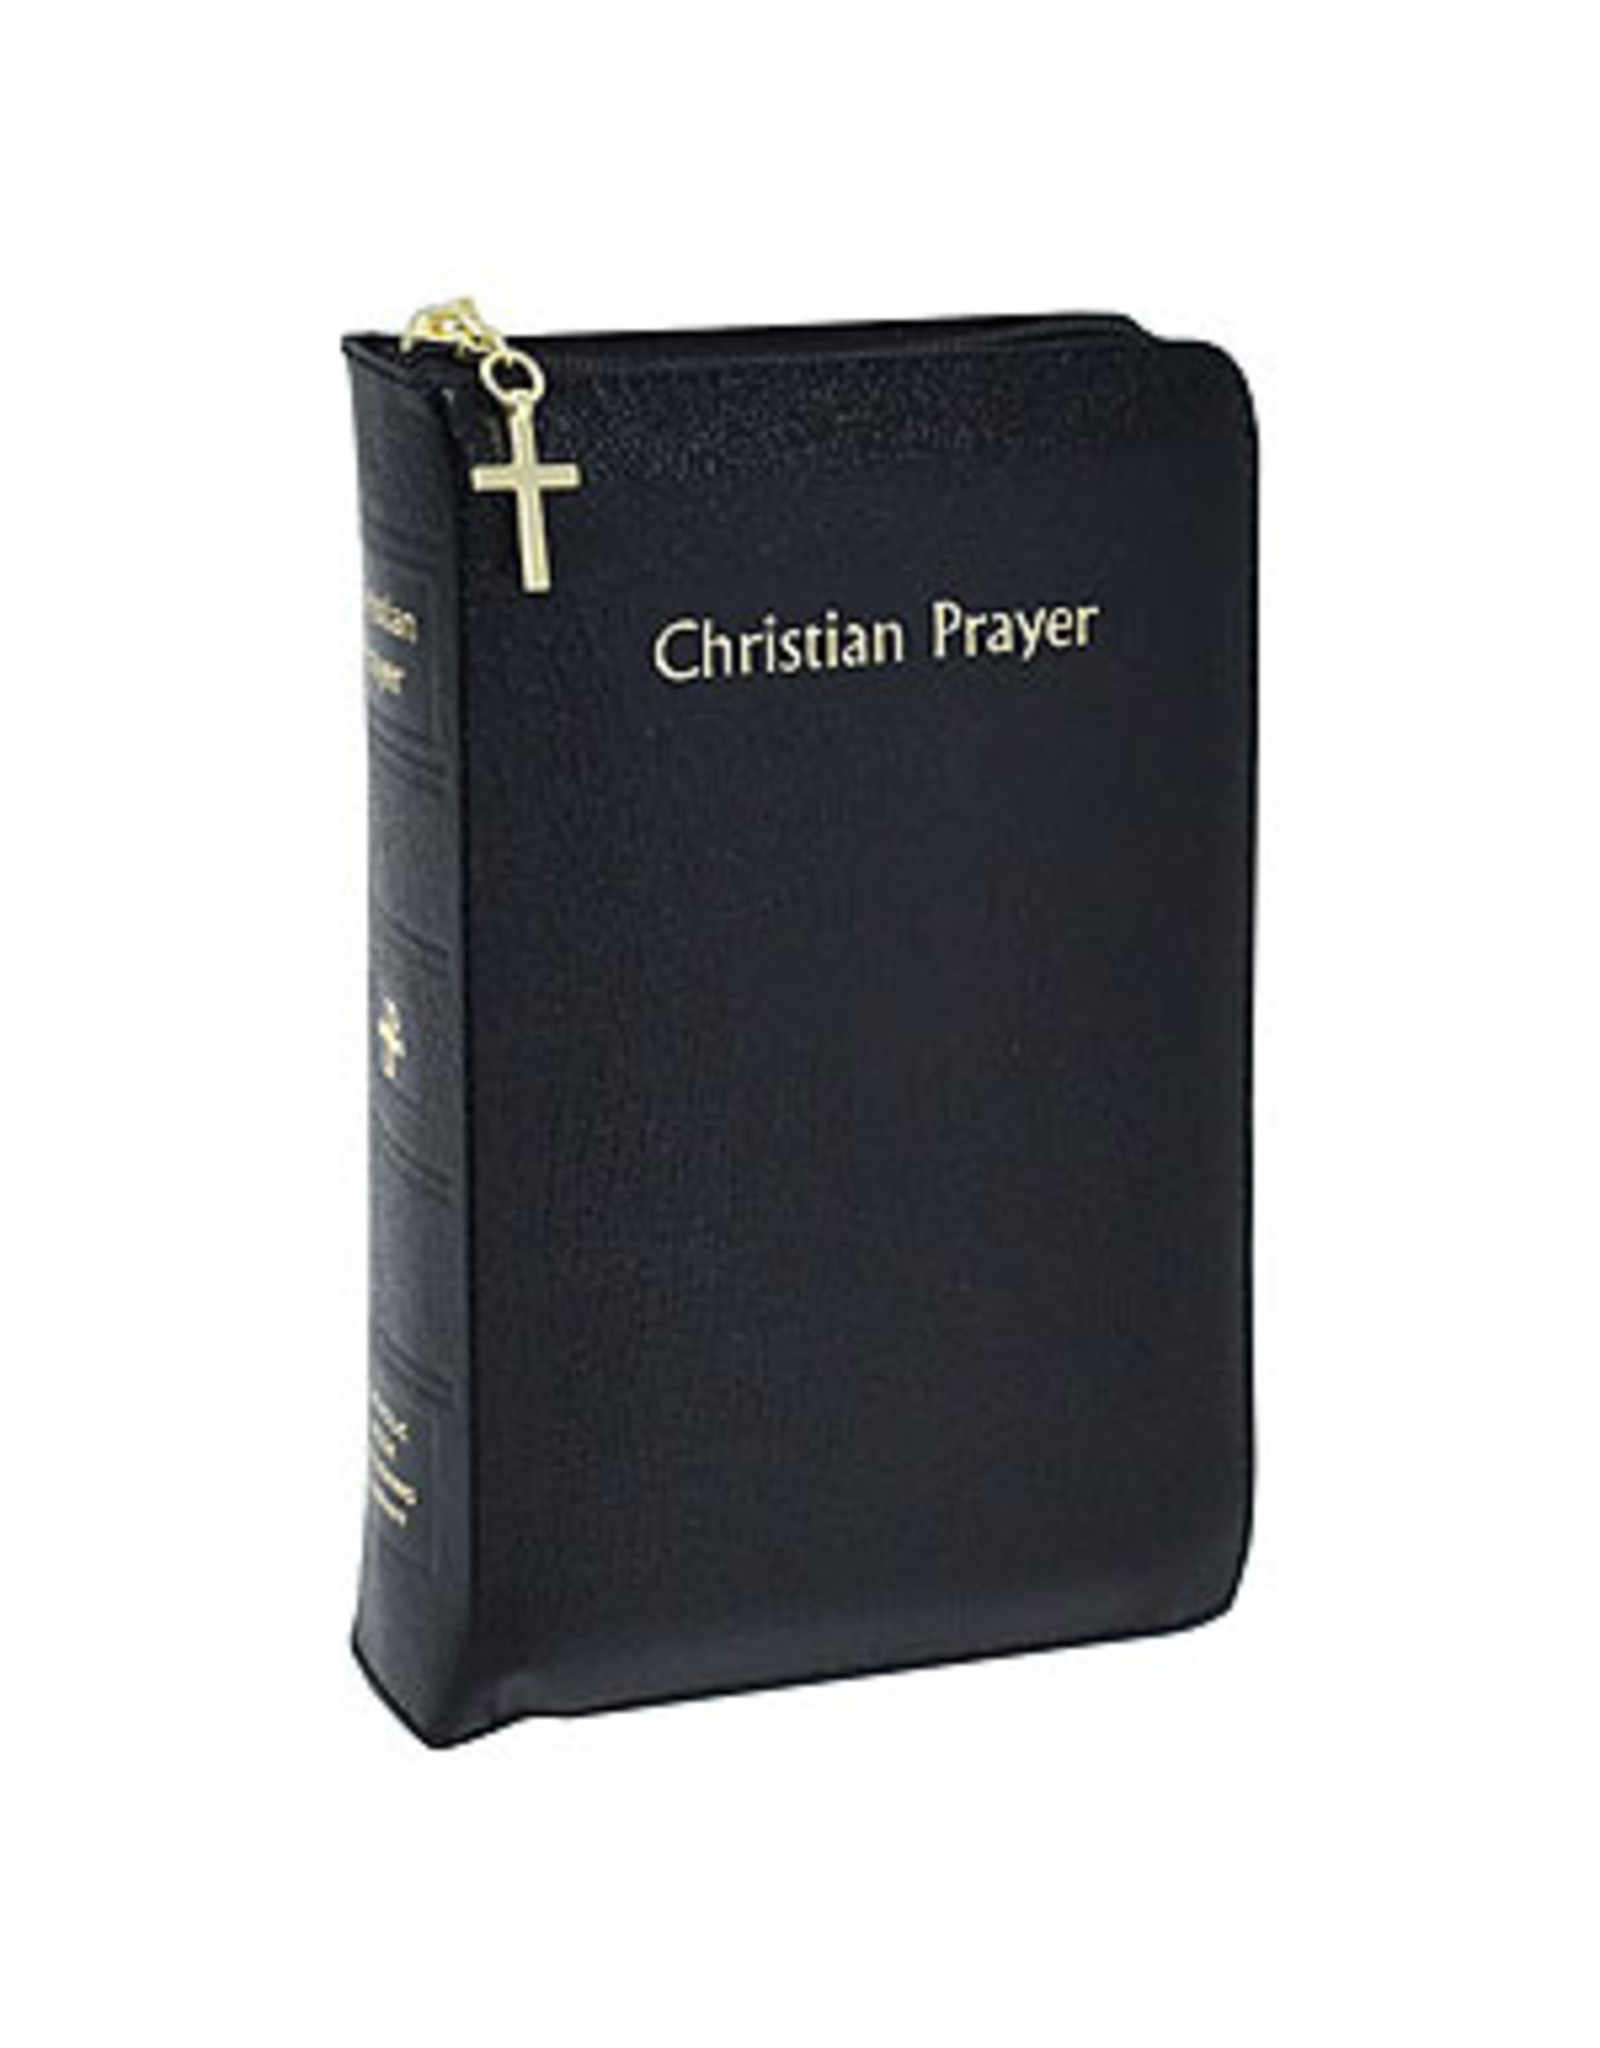 CHRISTIAN PRYR ZIP BLK 406/23